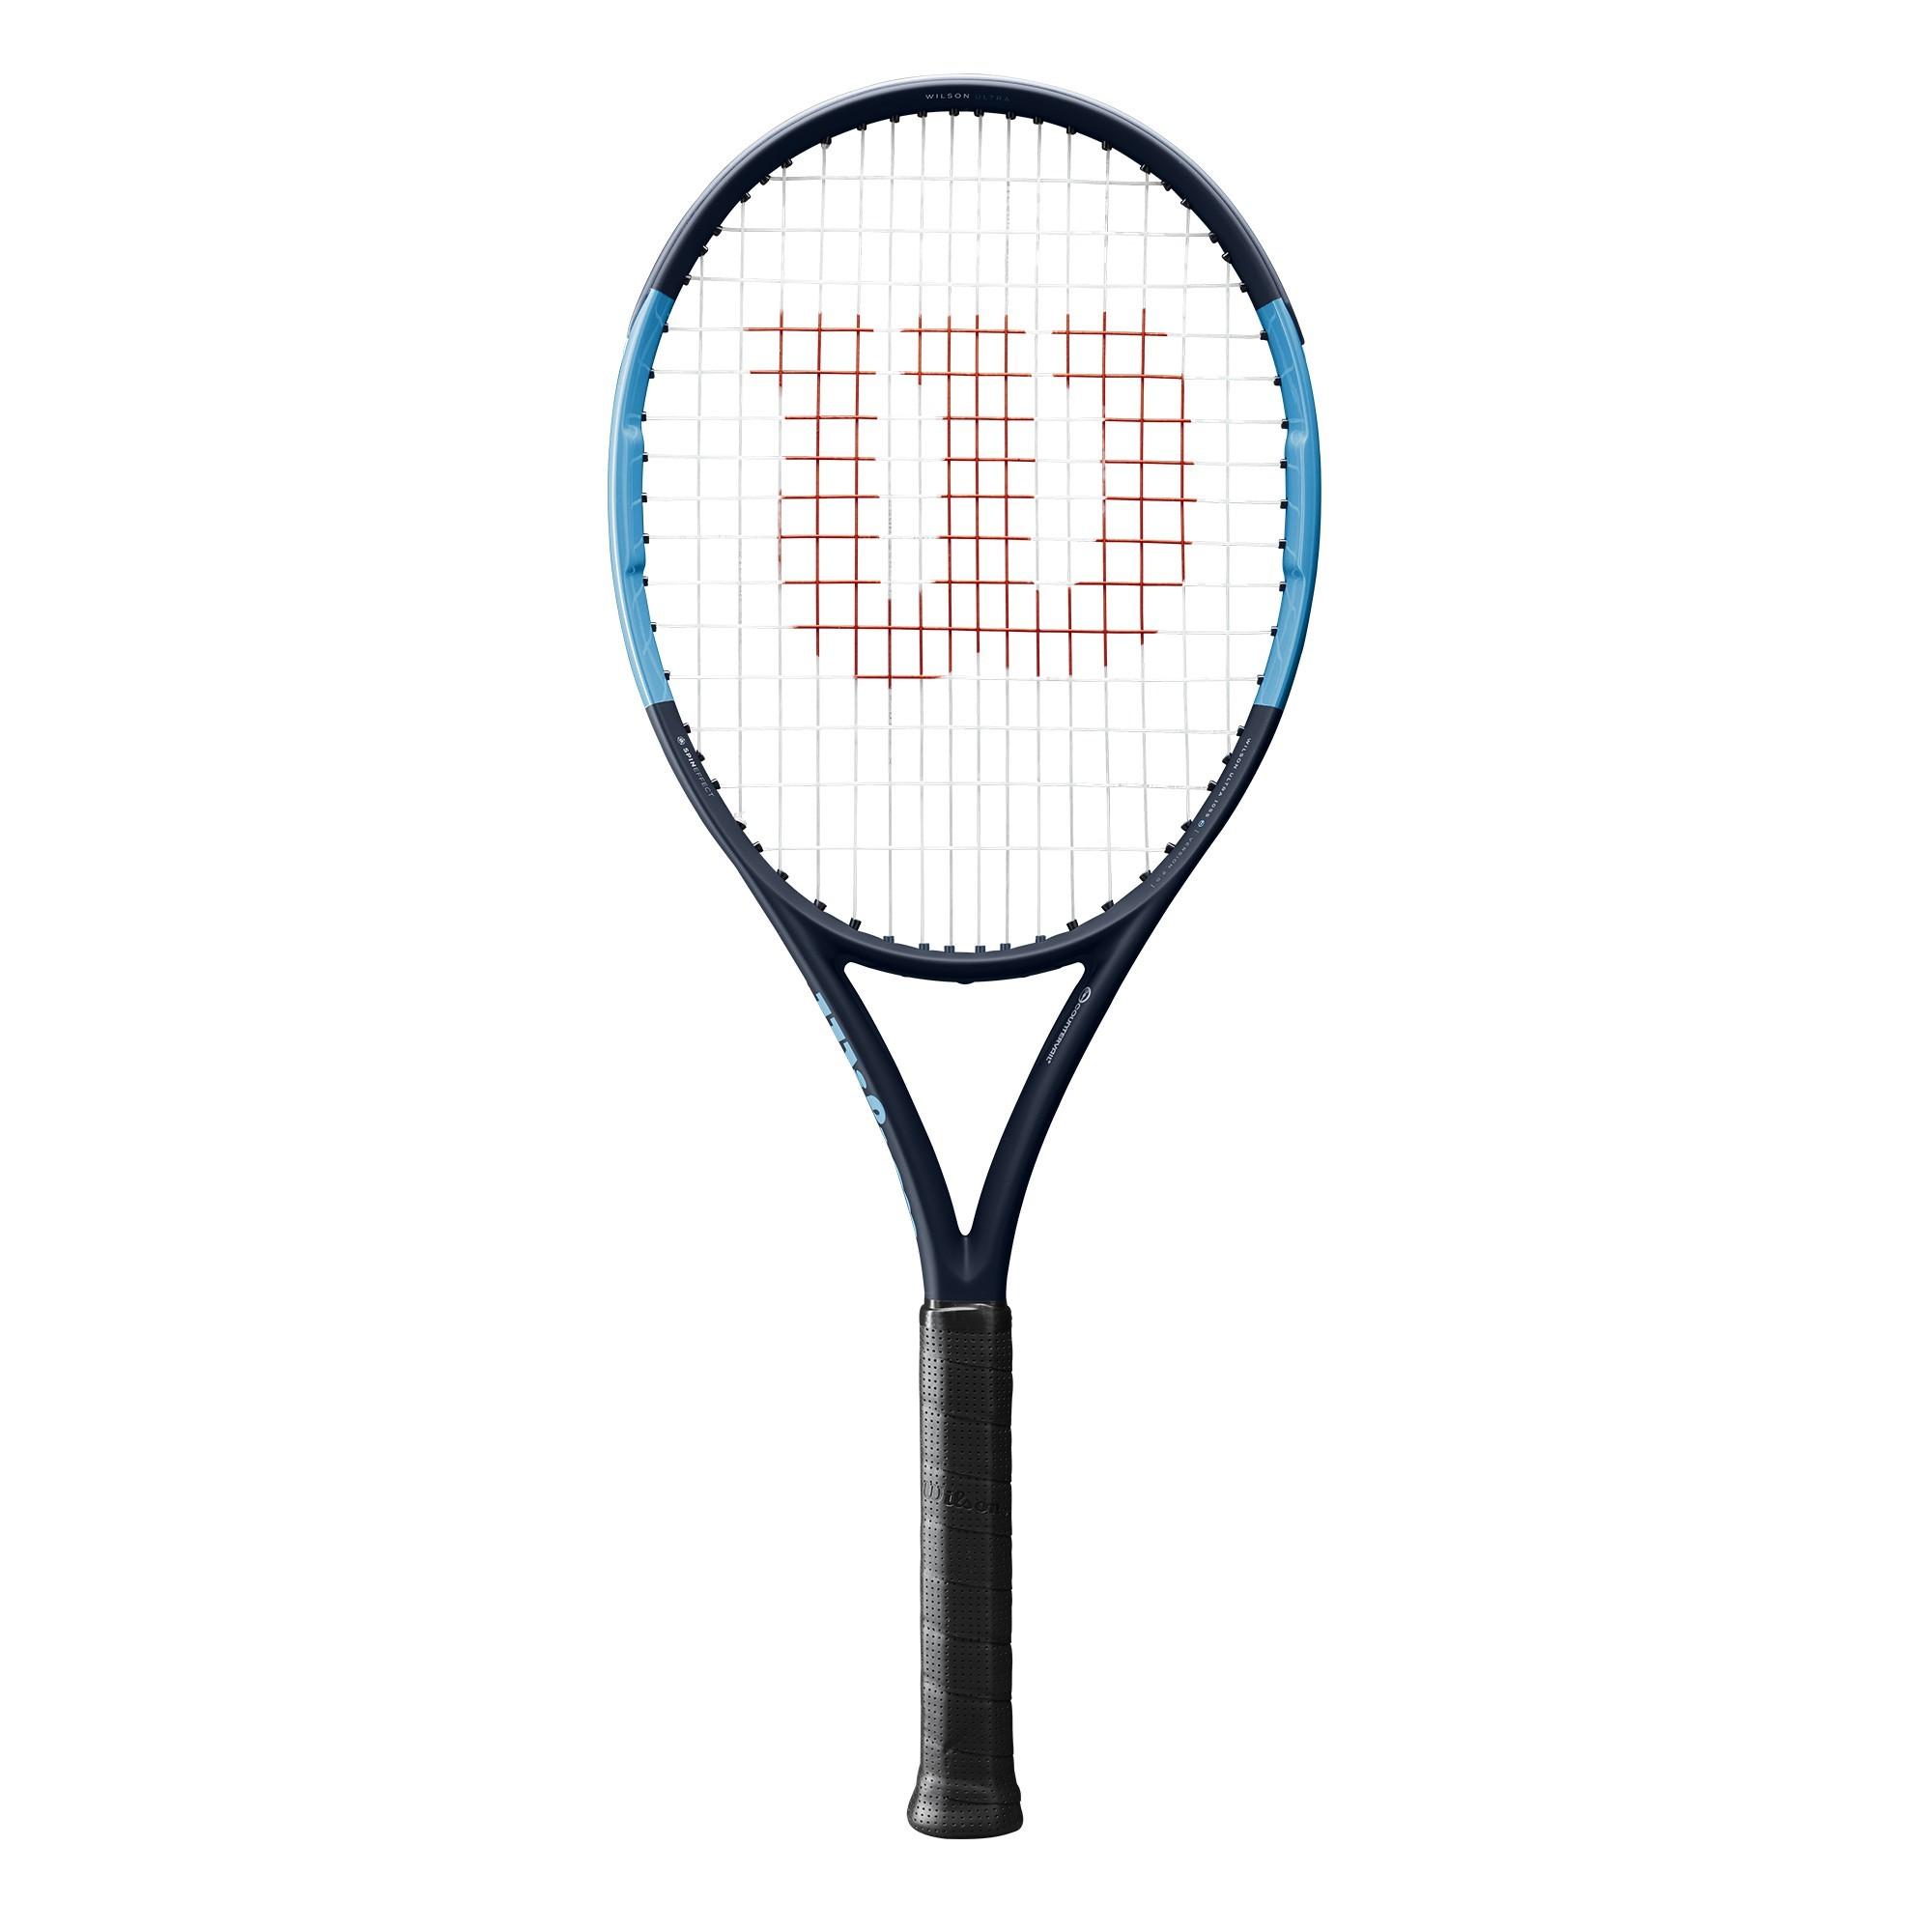 Rakieta tenisowa Wilson Ultra 105S Countervail + naciąg Luxilon